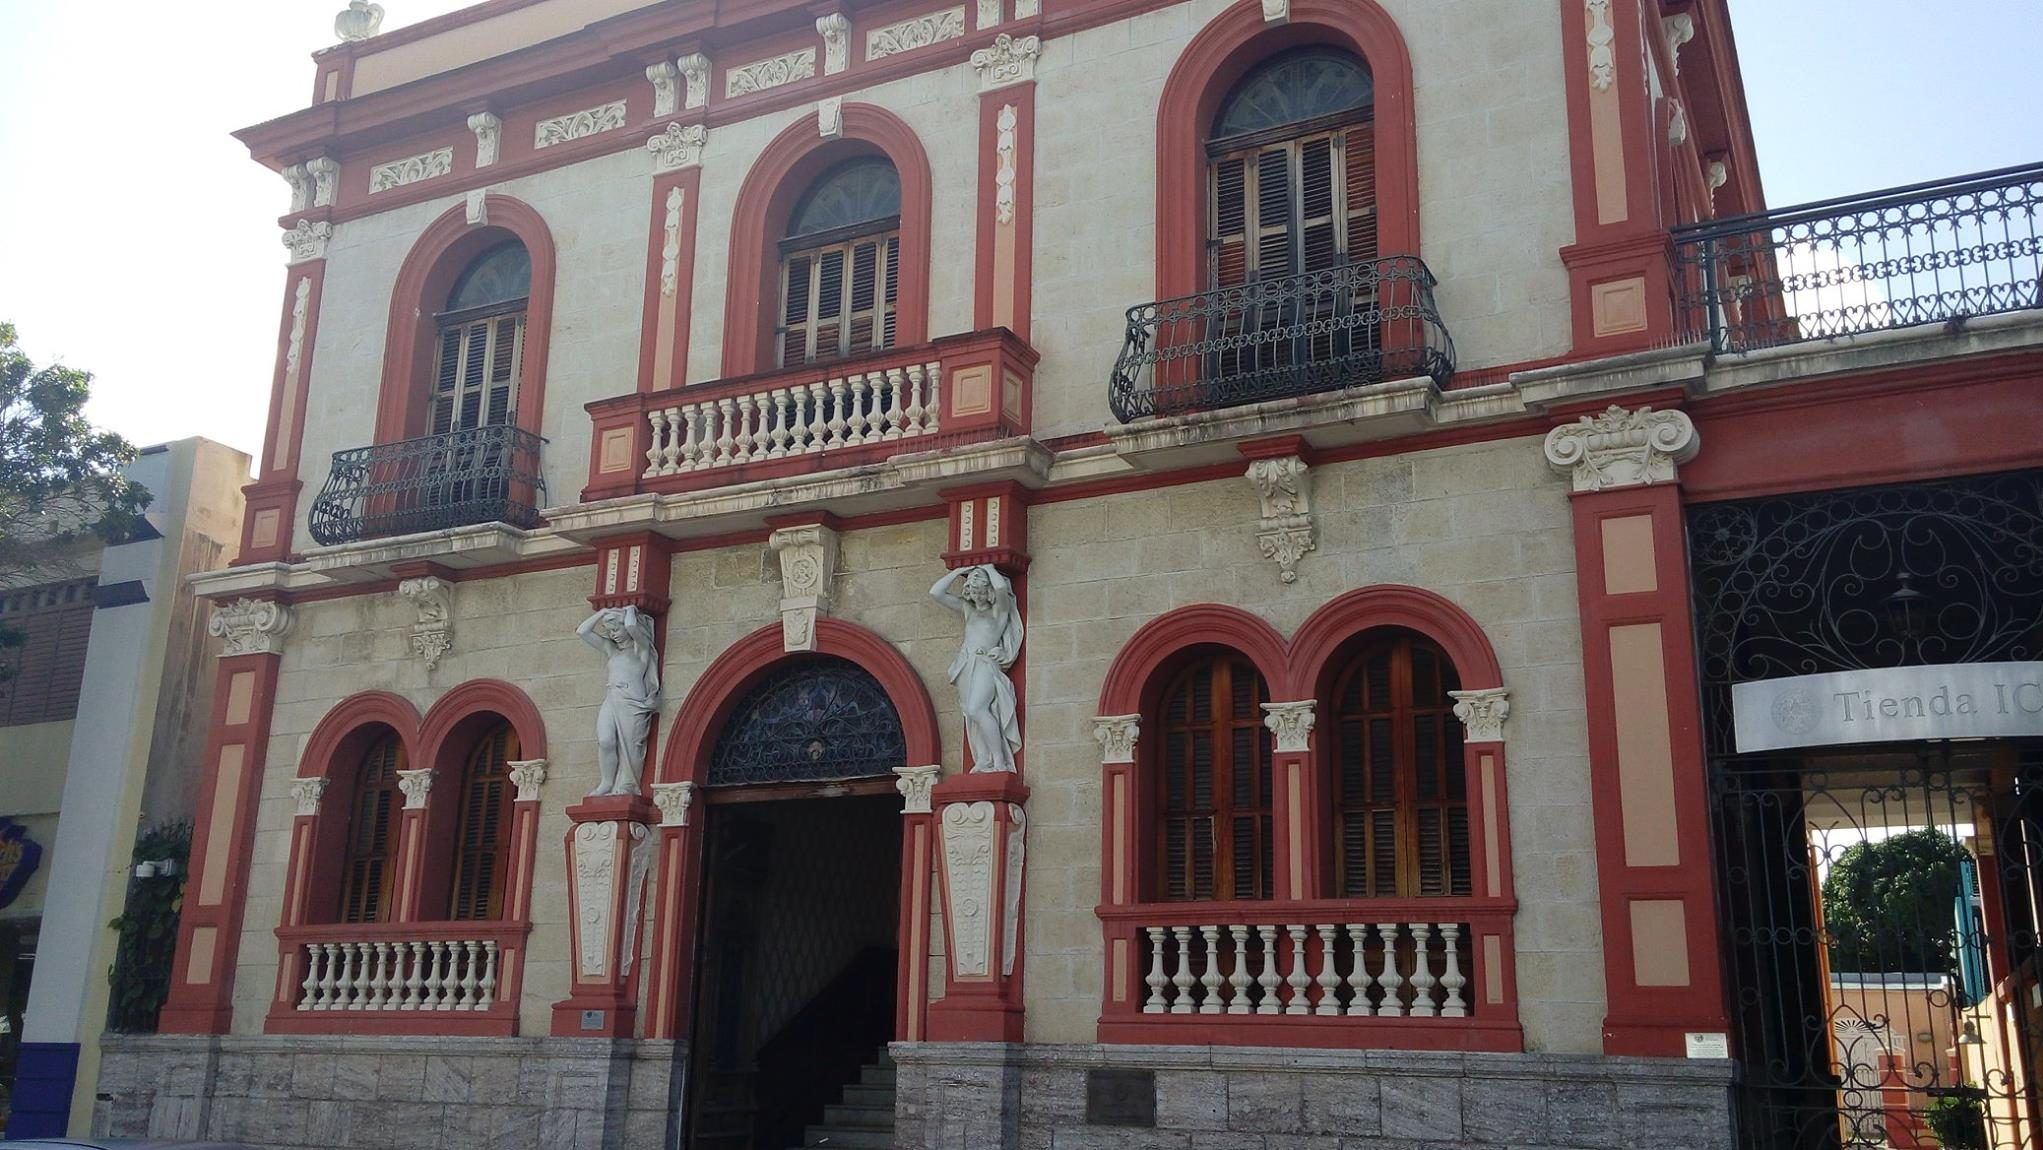 La casa Armstrong Poventud es uno de los edificios emblemáticos del casco urbano de Ponce.